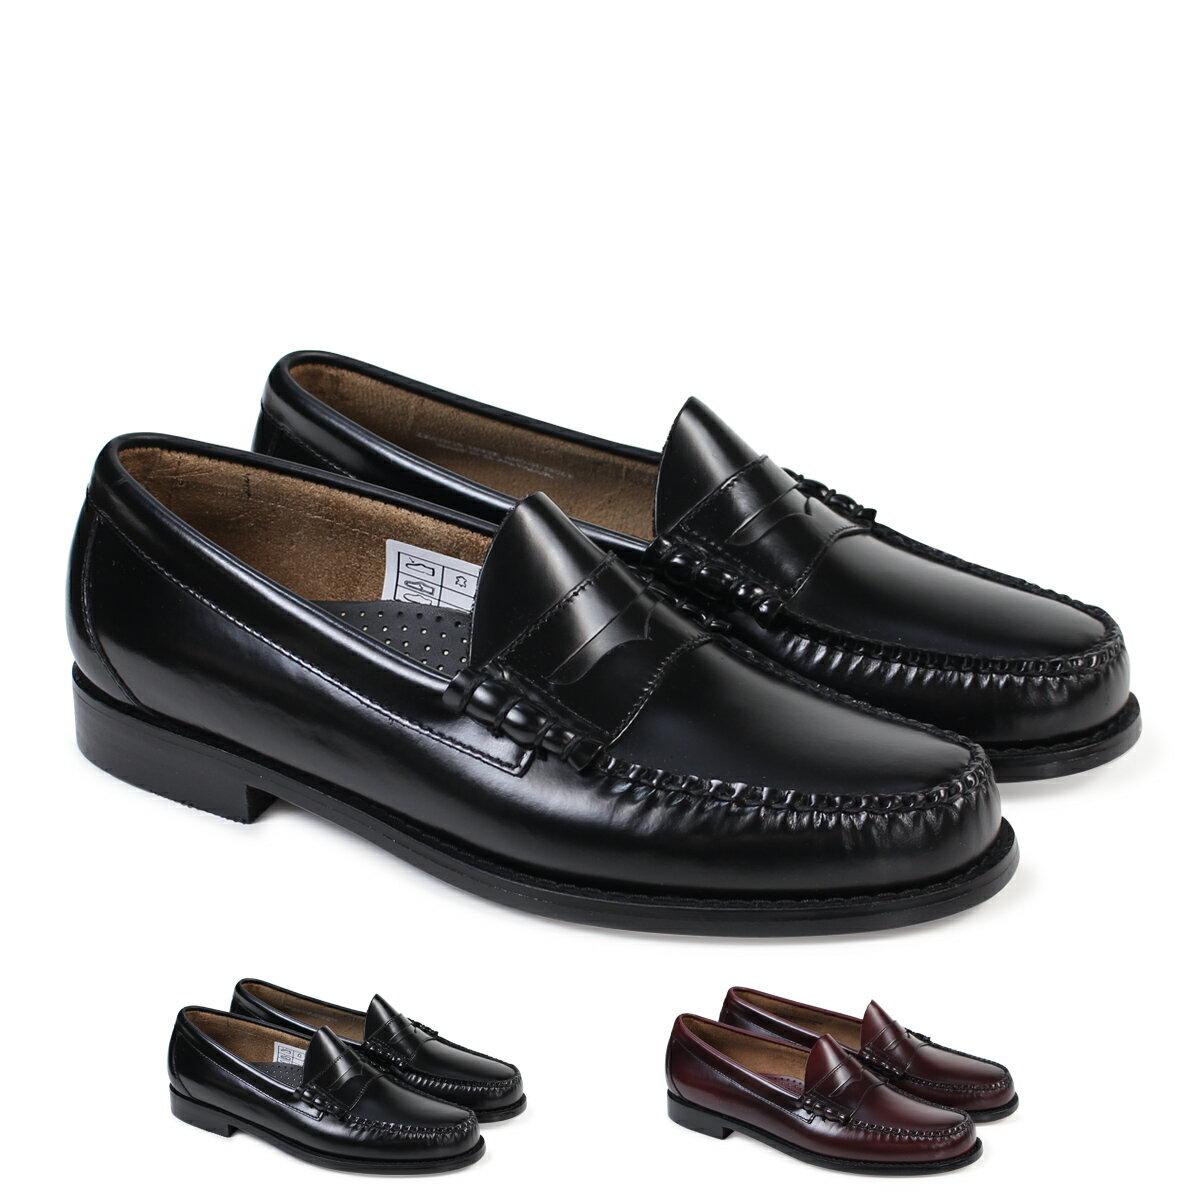 G.H. BASS LARSON 70-10914 70-10919 ジーエイチバス ローファー メンズ 靴 2カラー [5/9 追加入荷] [185]